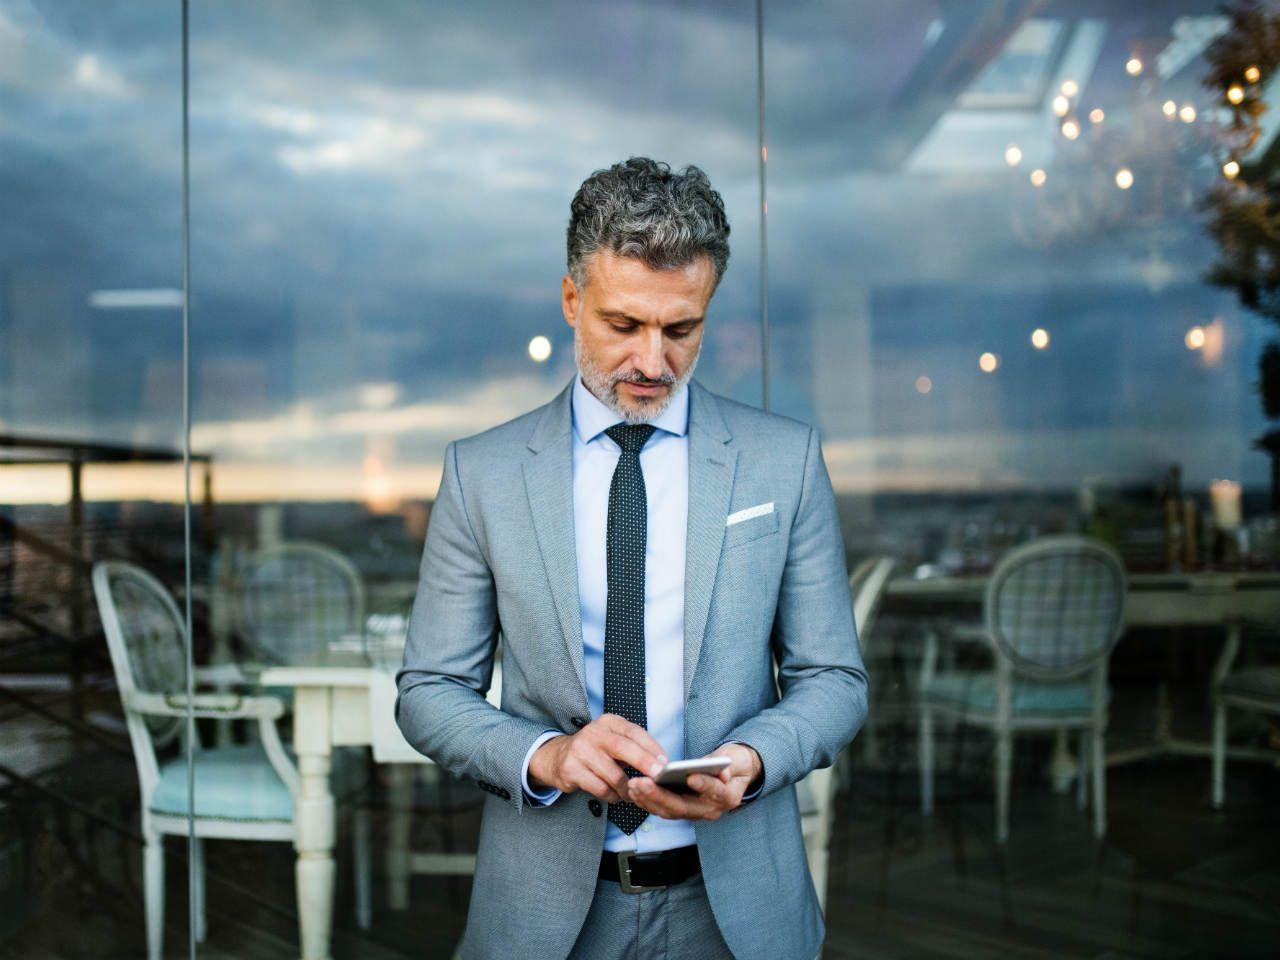 Szary garnitur: jaka koszula, buty i krawat do szarego  3eECY